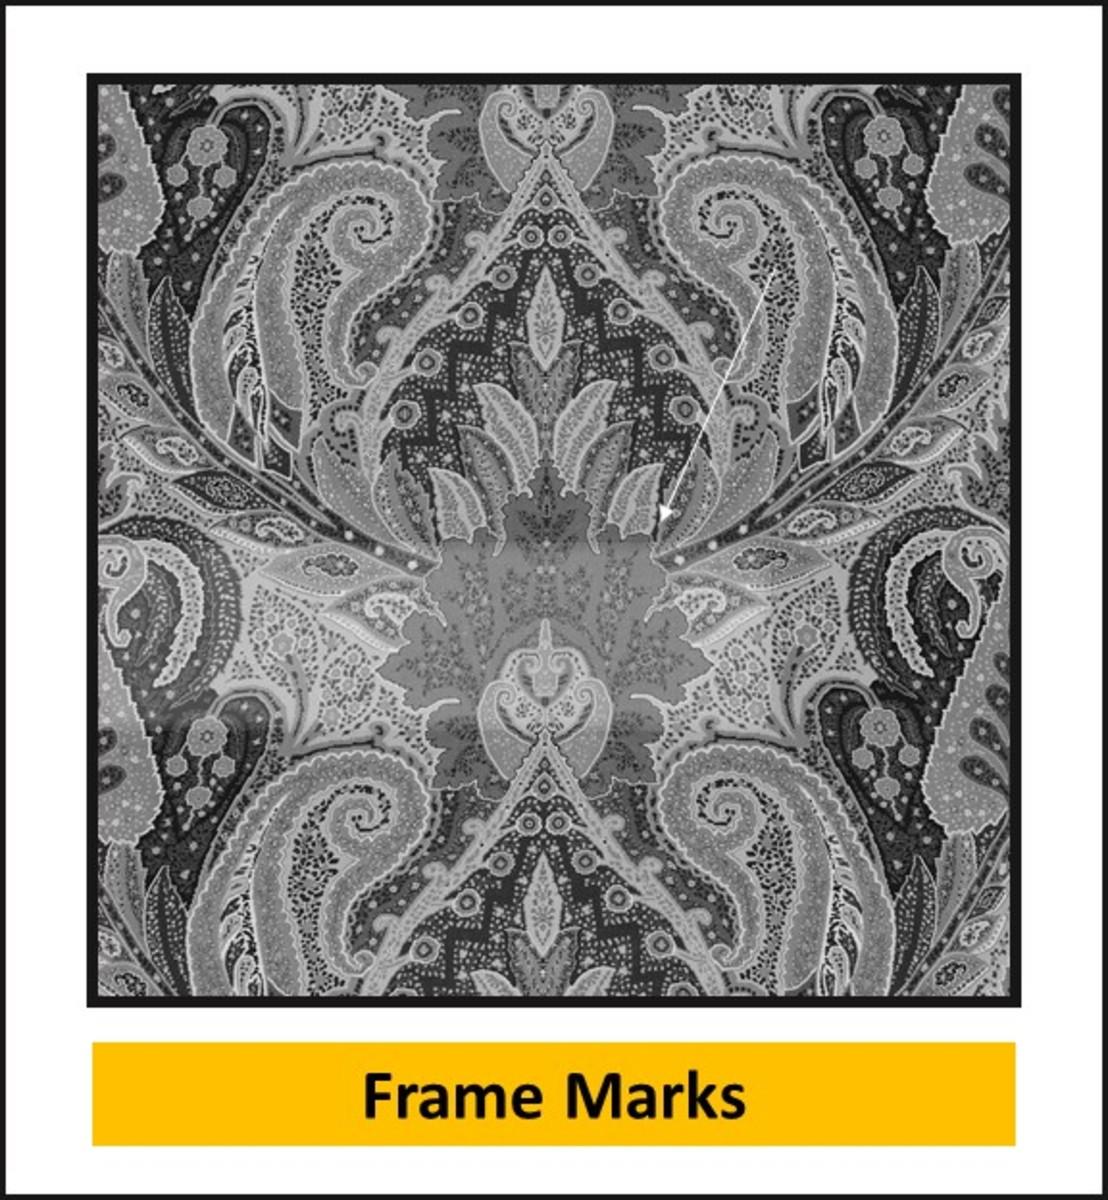 Frame Marks